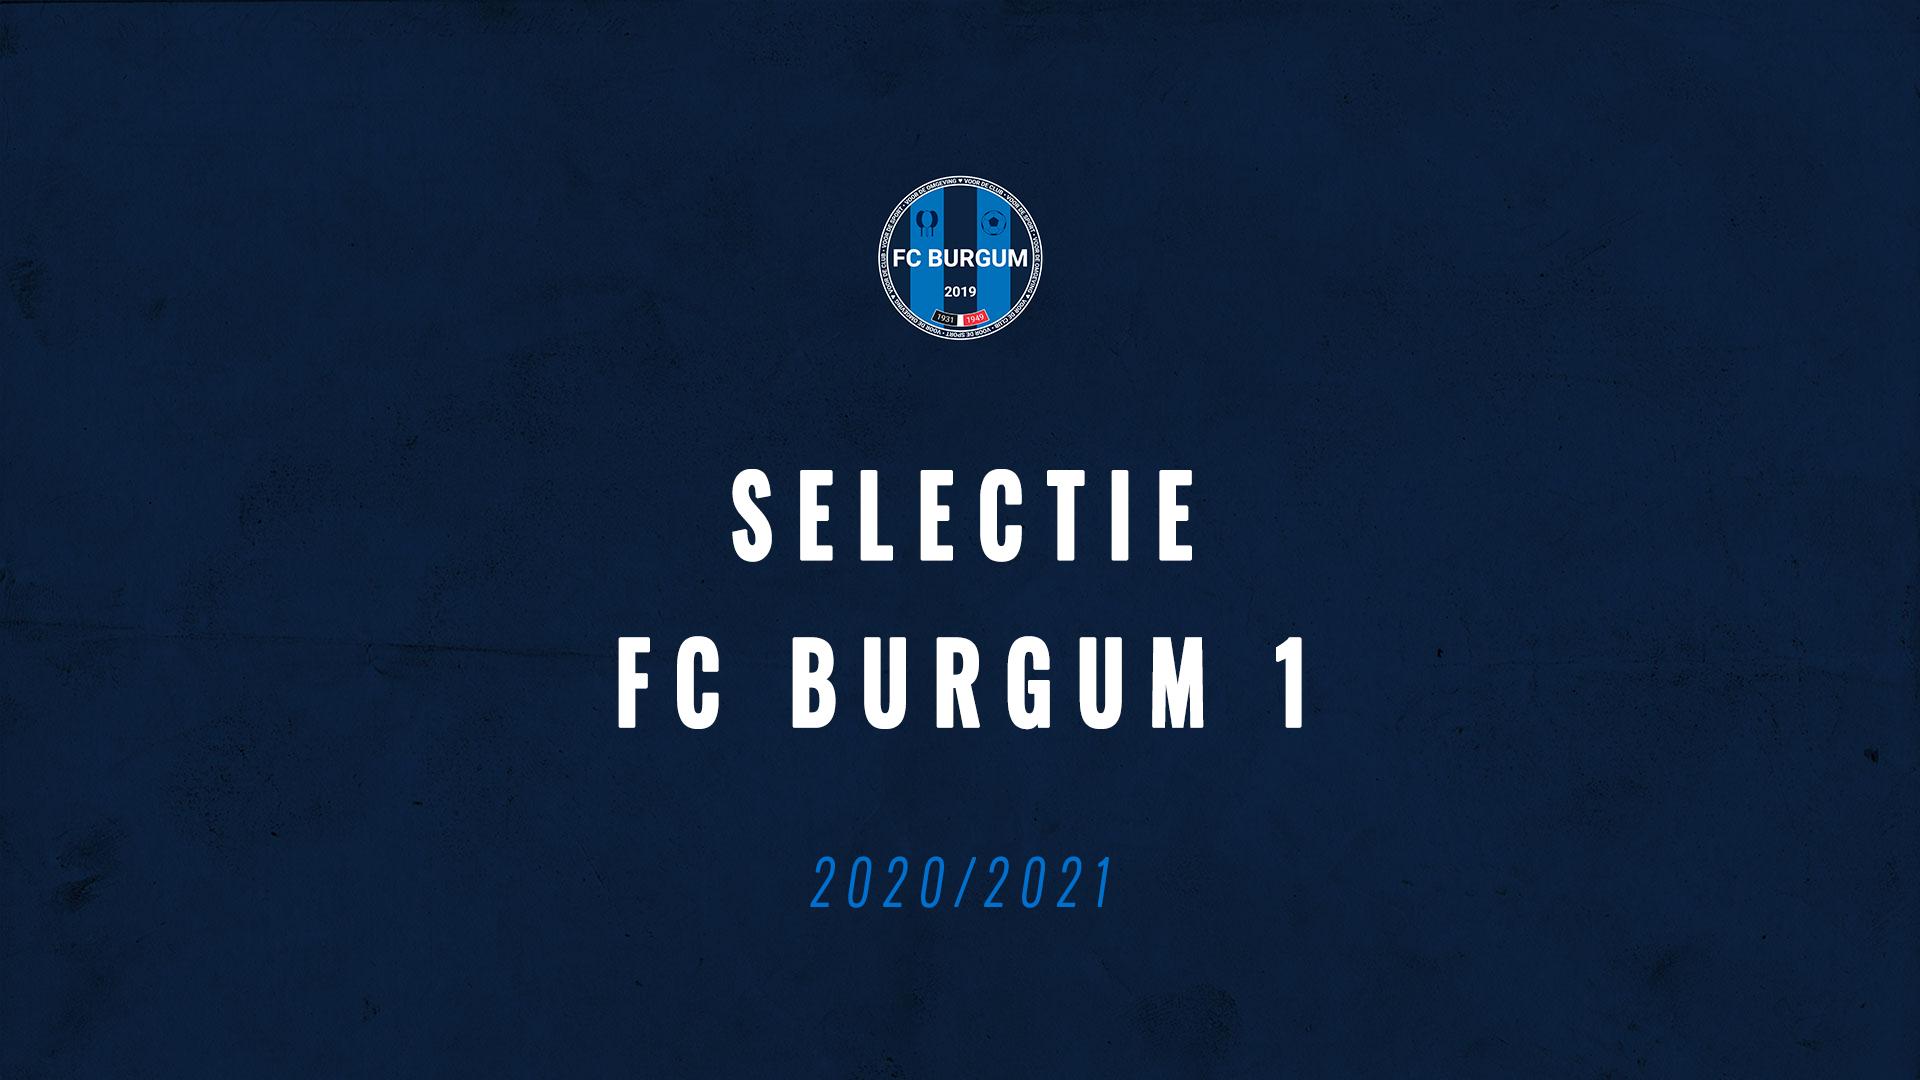 Selectie FC Burgum 1 voor 2020/2021